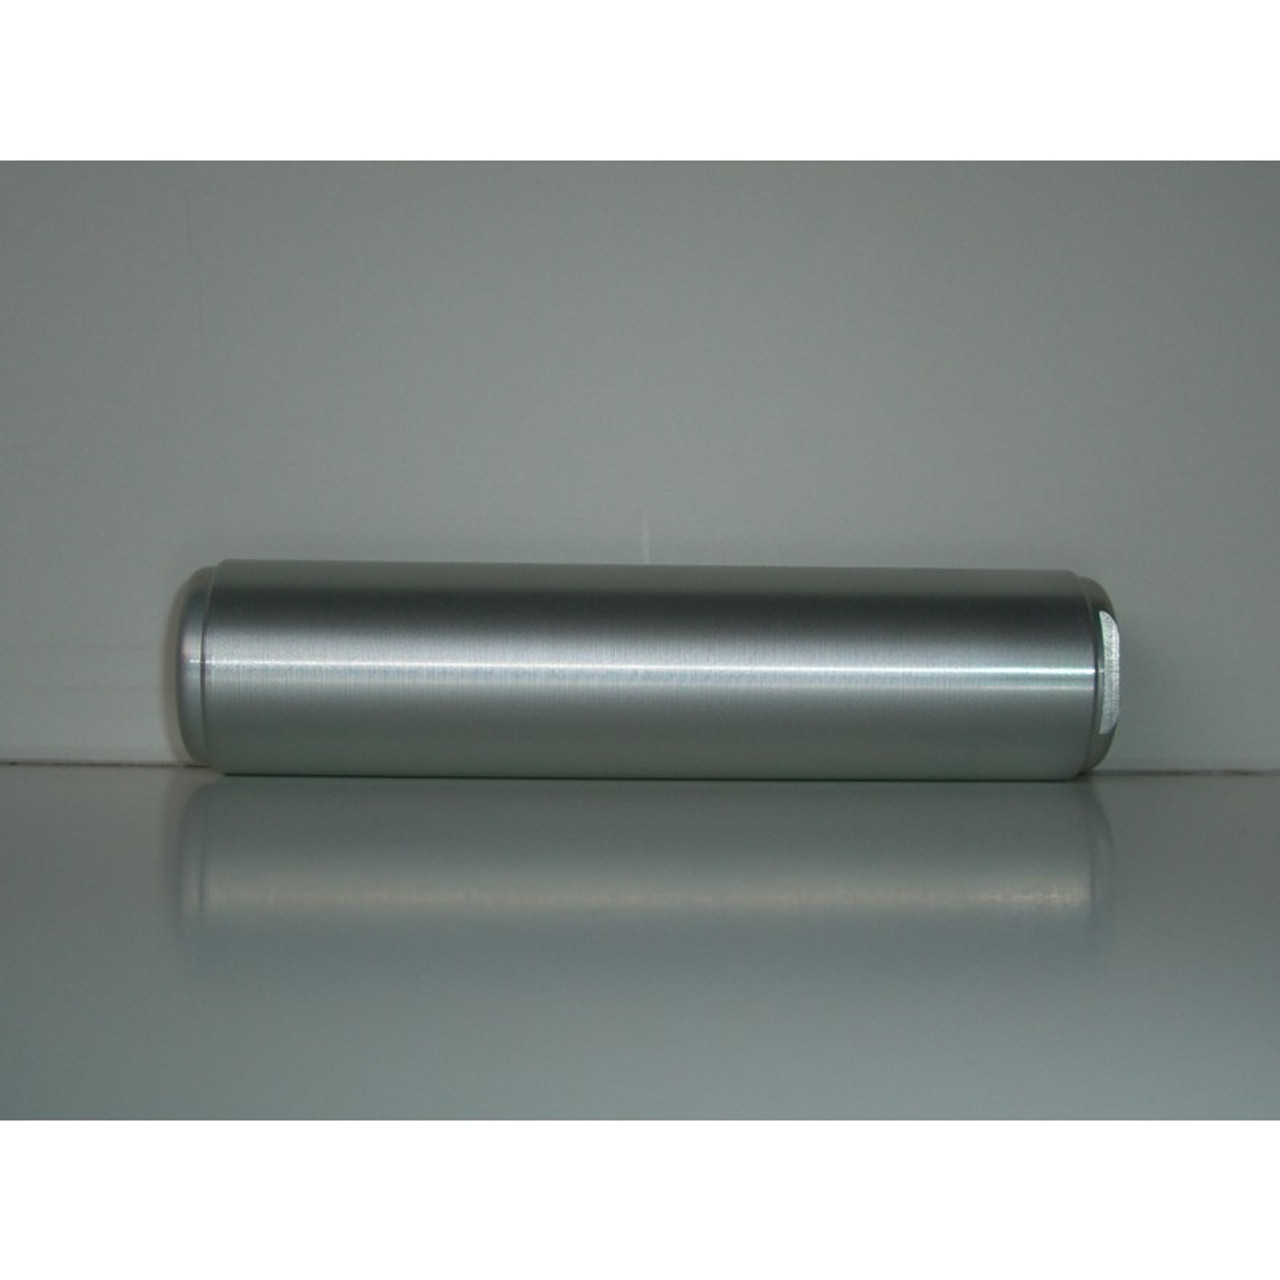 Sak Air Rifle Silencer Silver